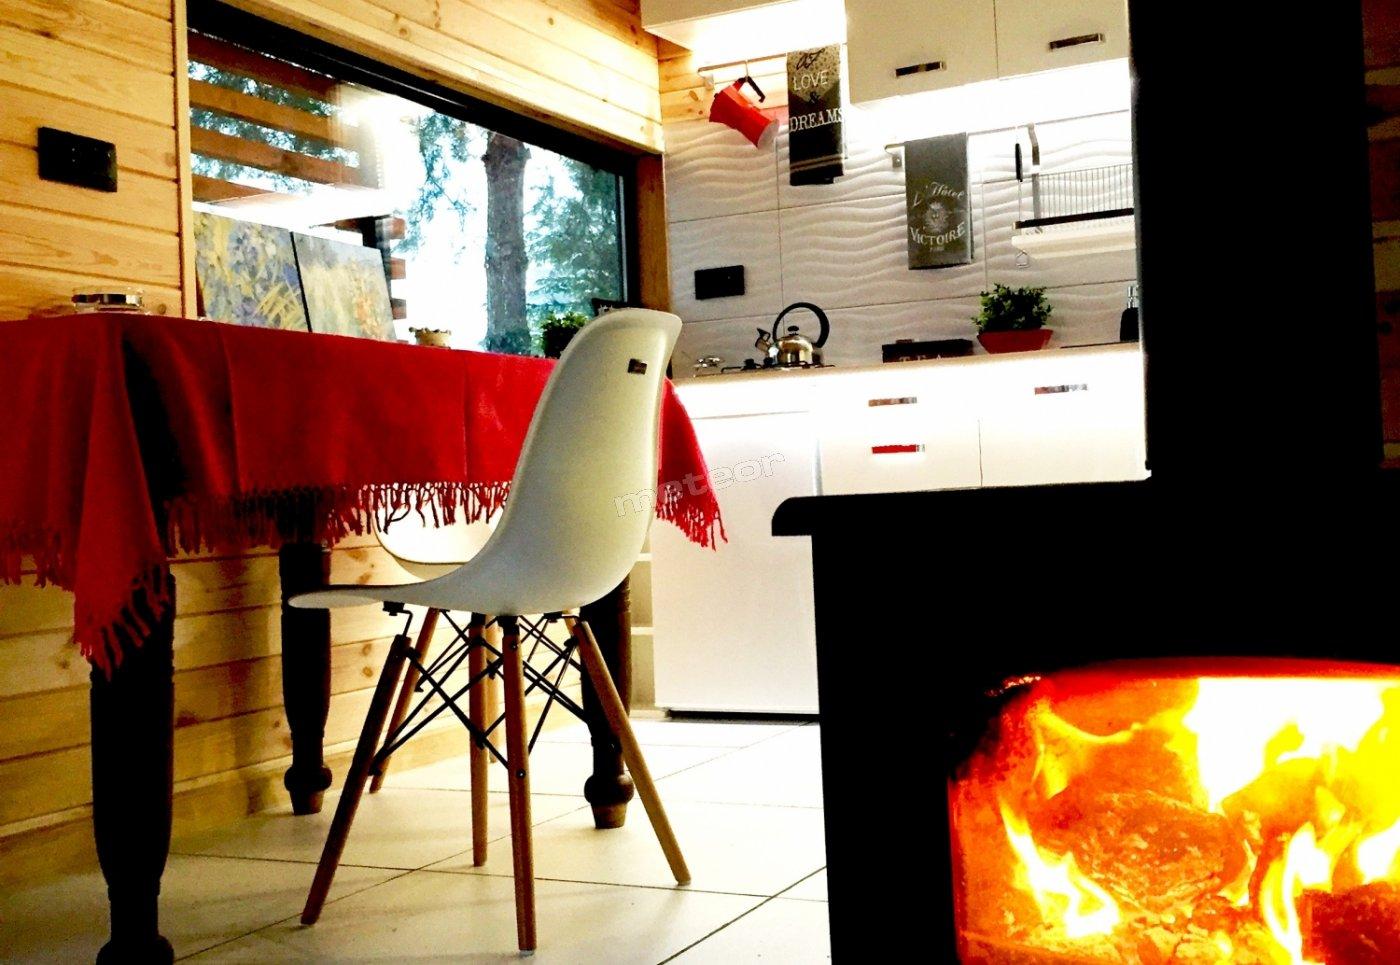 Wyposażona kuchnia i płomień w kominku